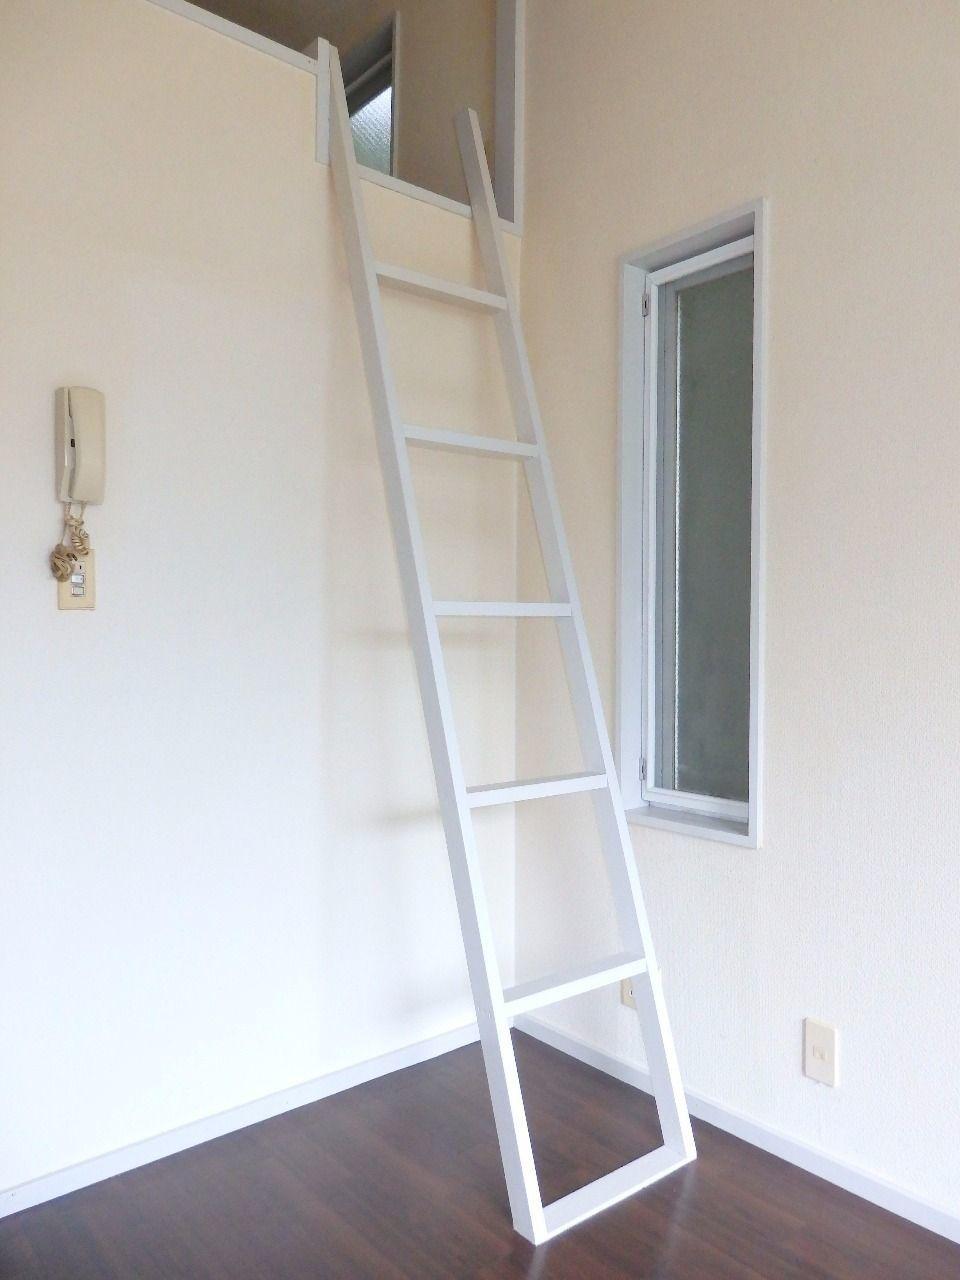 日常のお部屋と特別なお部屋とを繋ぎます。